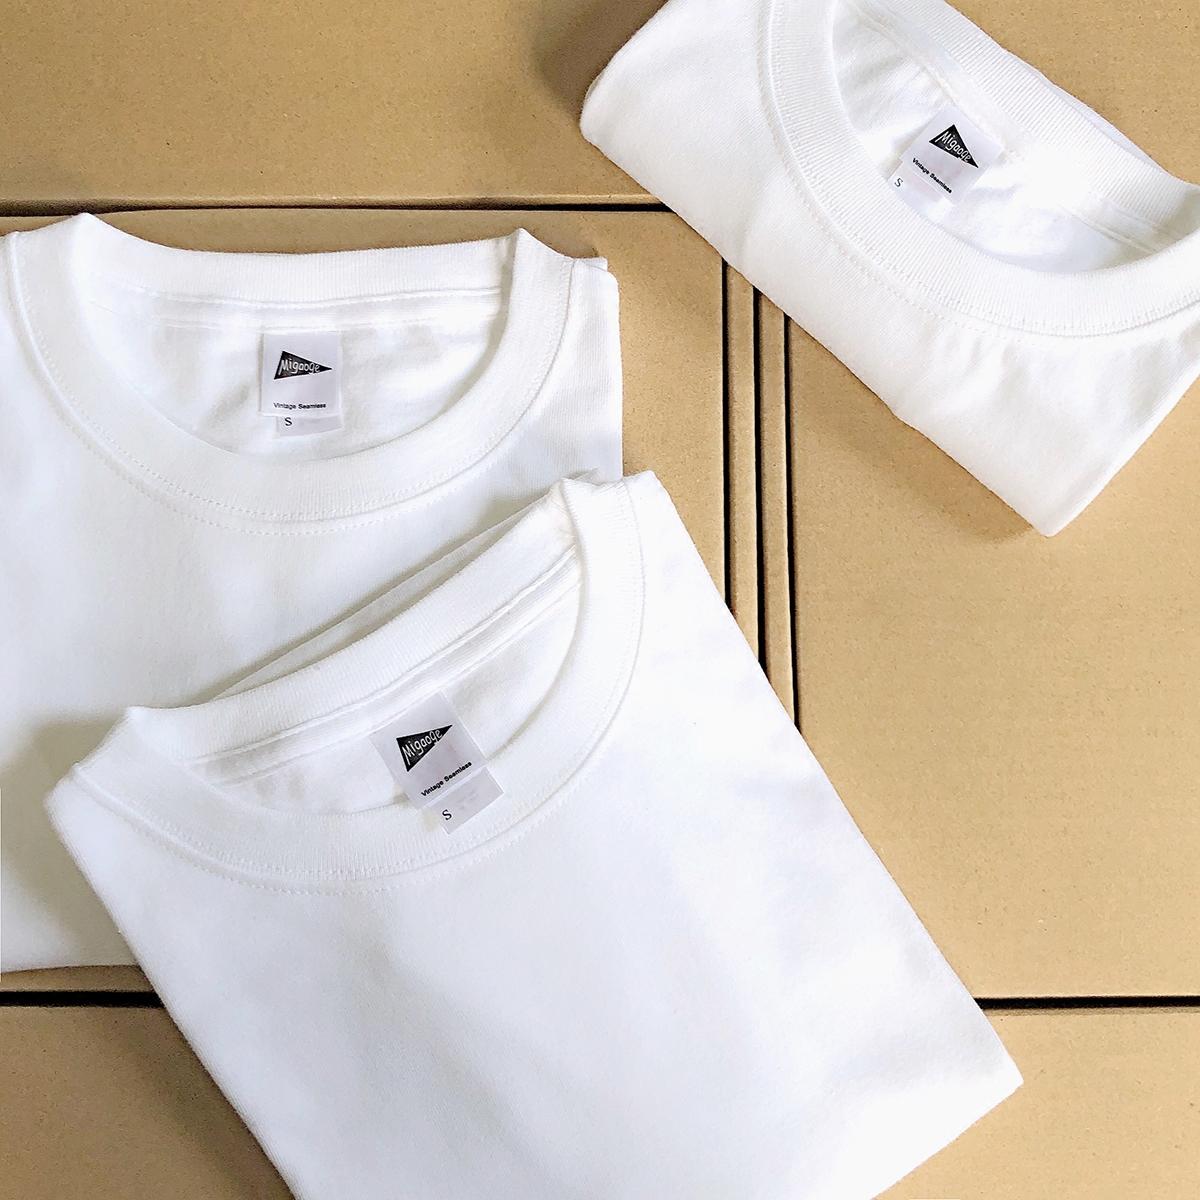 米高格【轻磅】230g纯白薄款T恤打底衫男女宽松纯棉圆领短袖